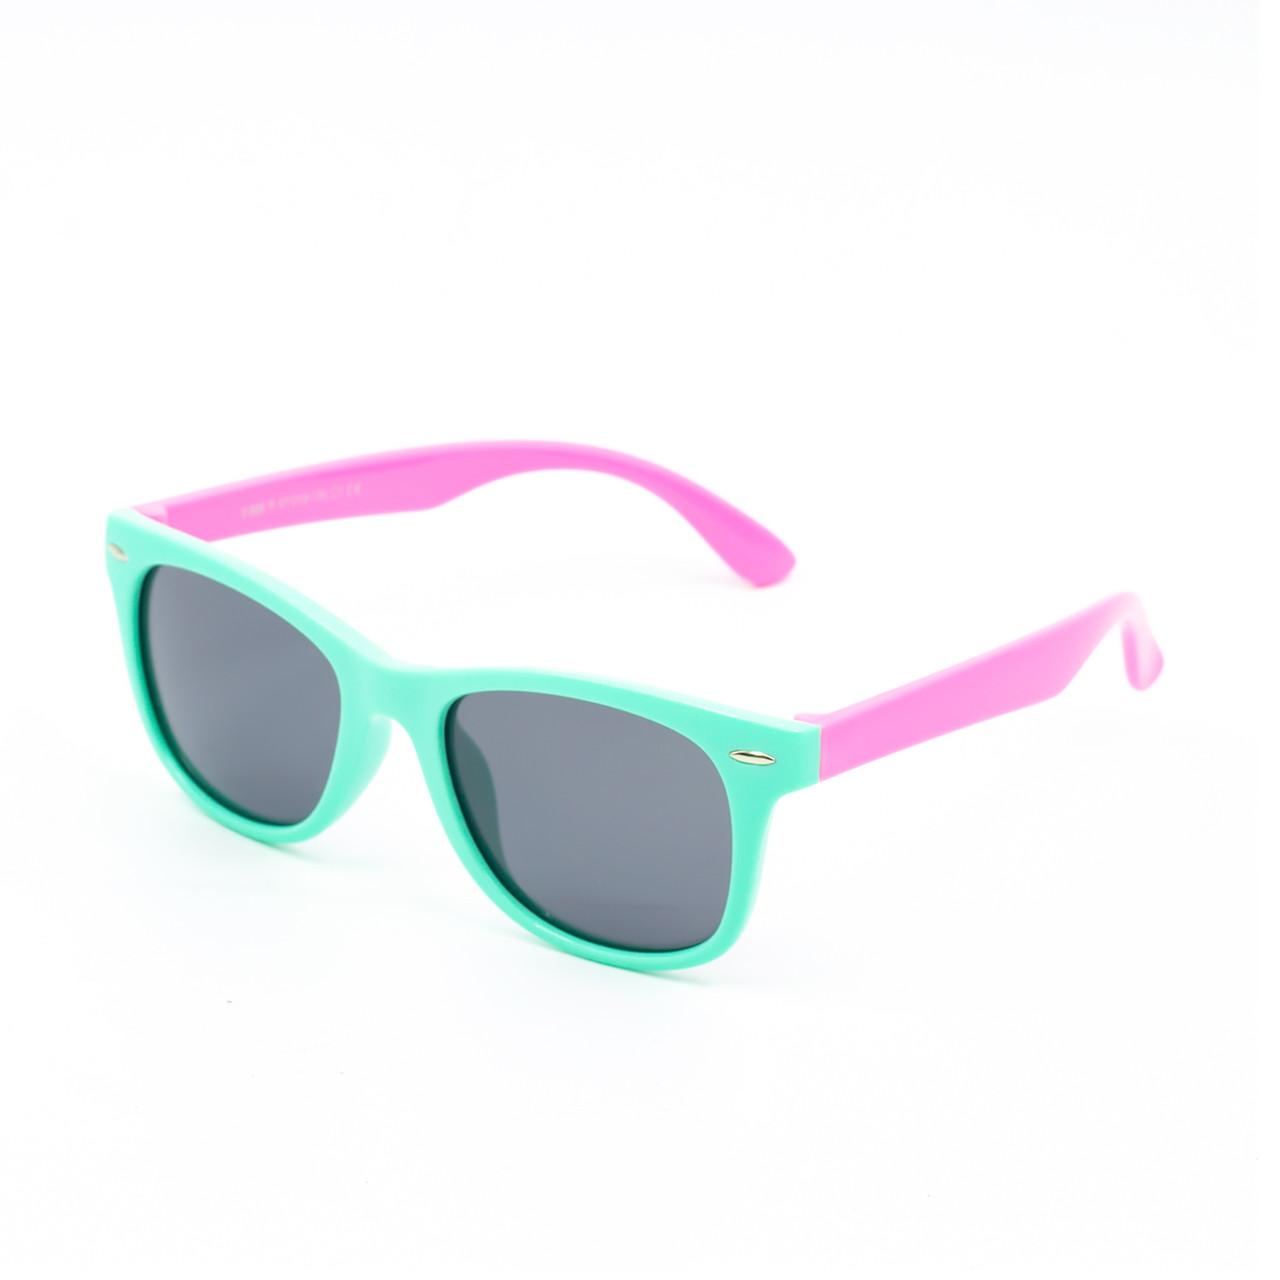 Солнцезащитные очки Marmilen Polar S886P C1 мята с розовым    ( KAS886P-1 )